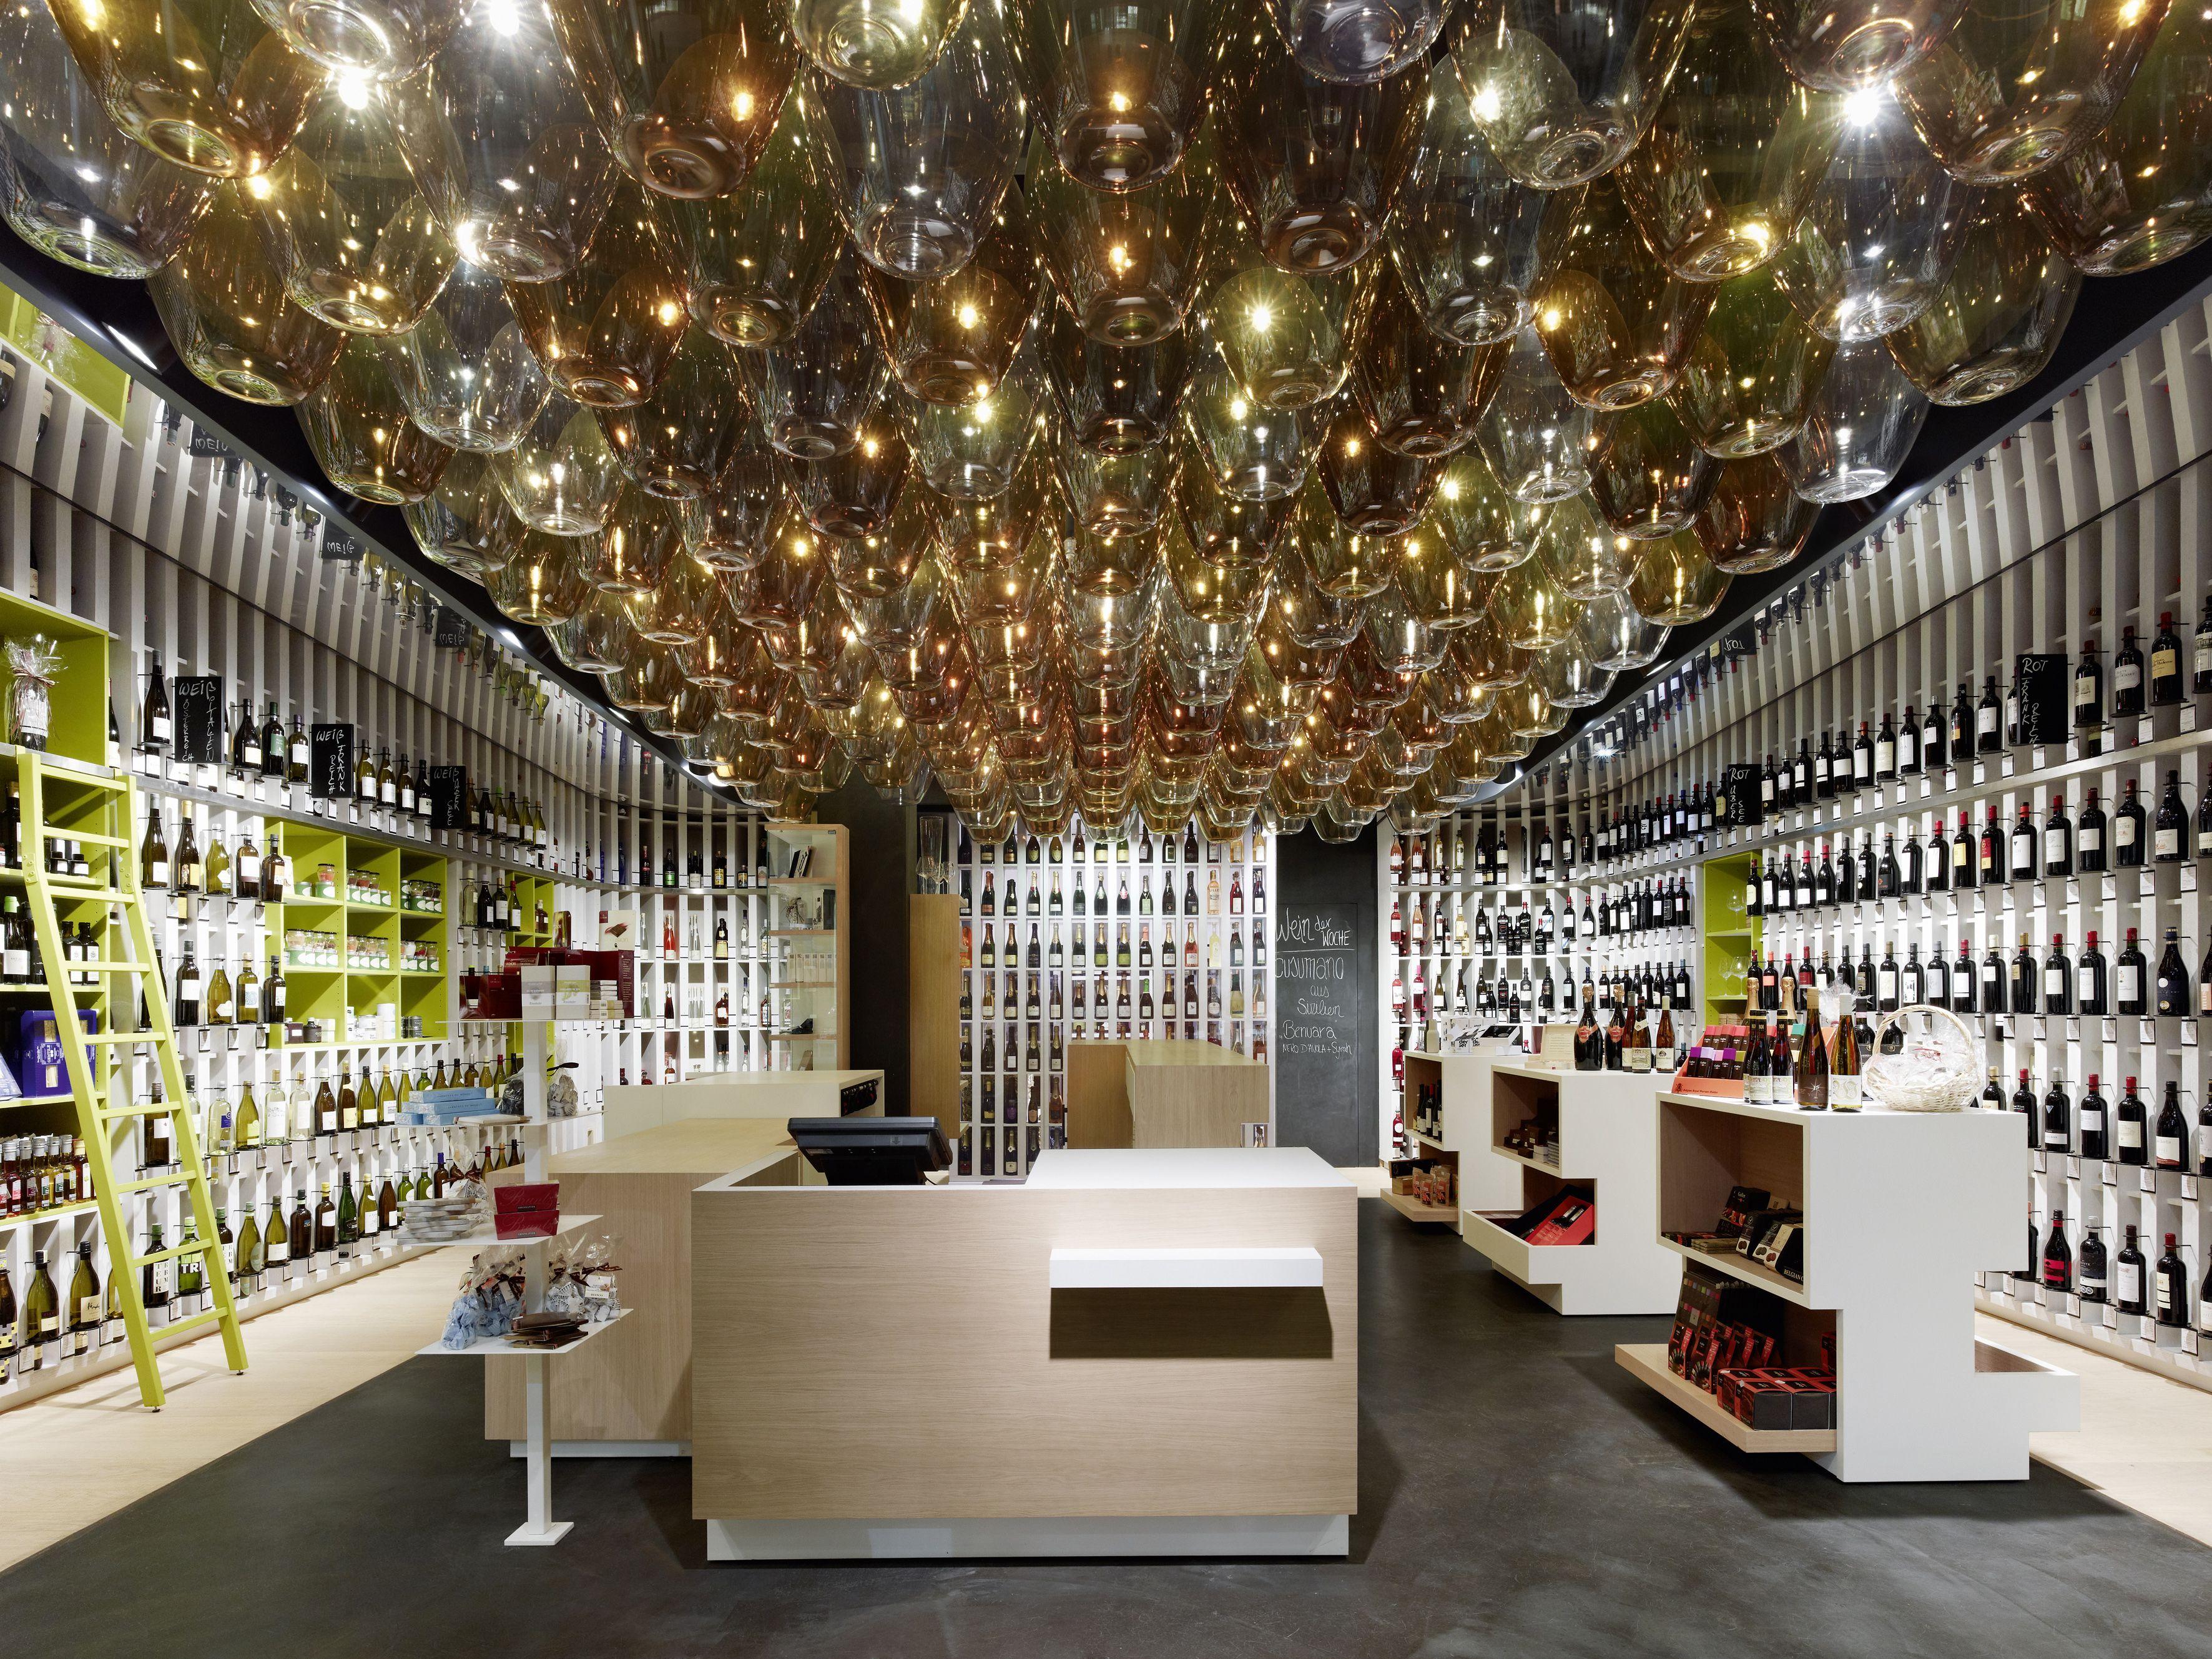 Wein & Wahrheit by Ippolito Fleitz Group - Interior design - Retail